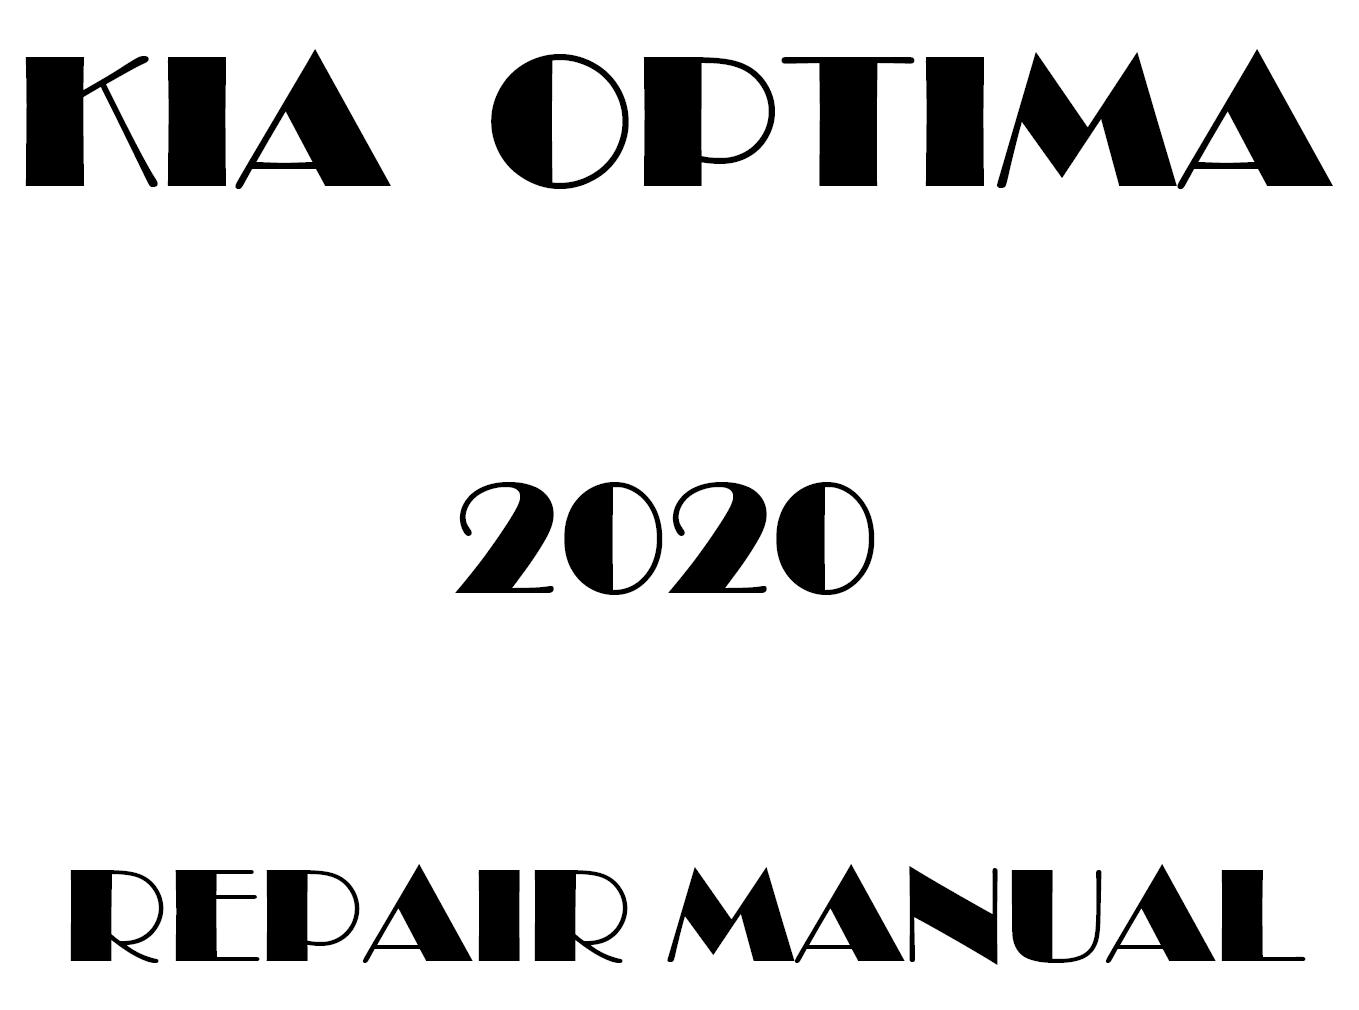 2020 Kia Optima repair manual